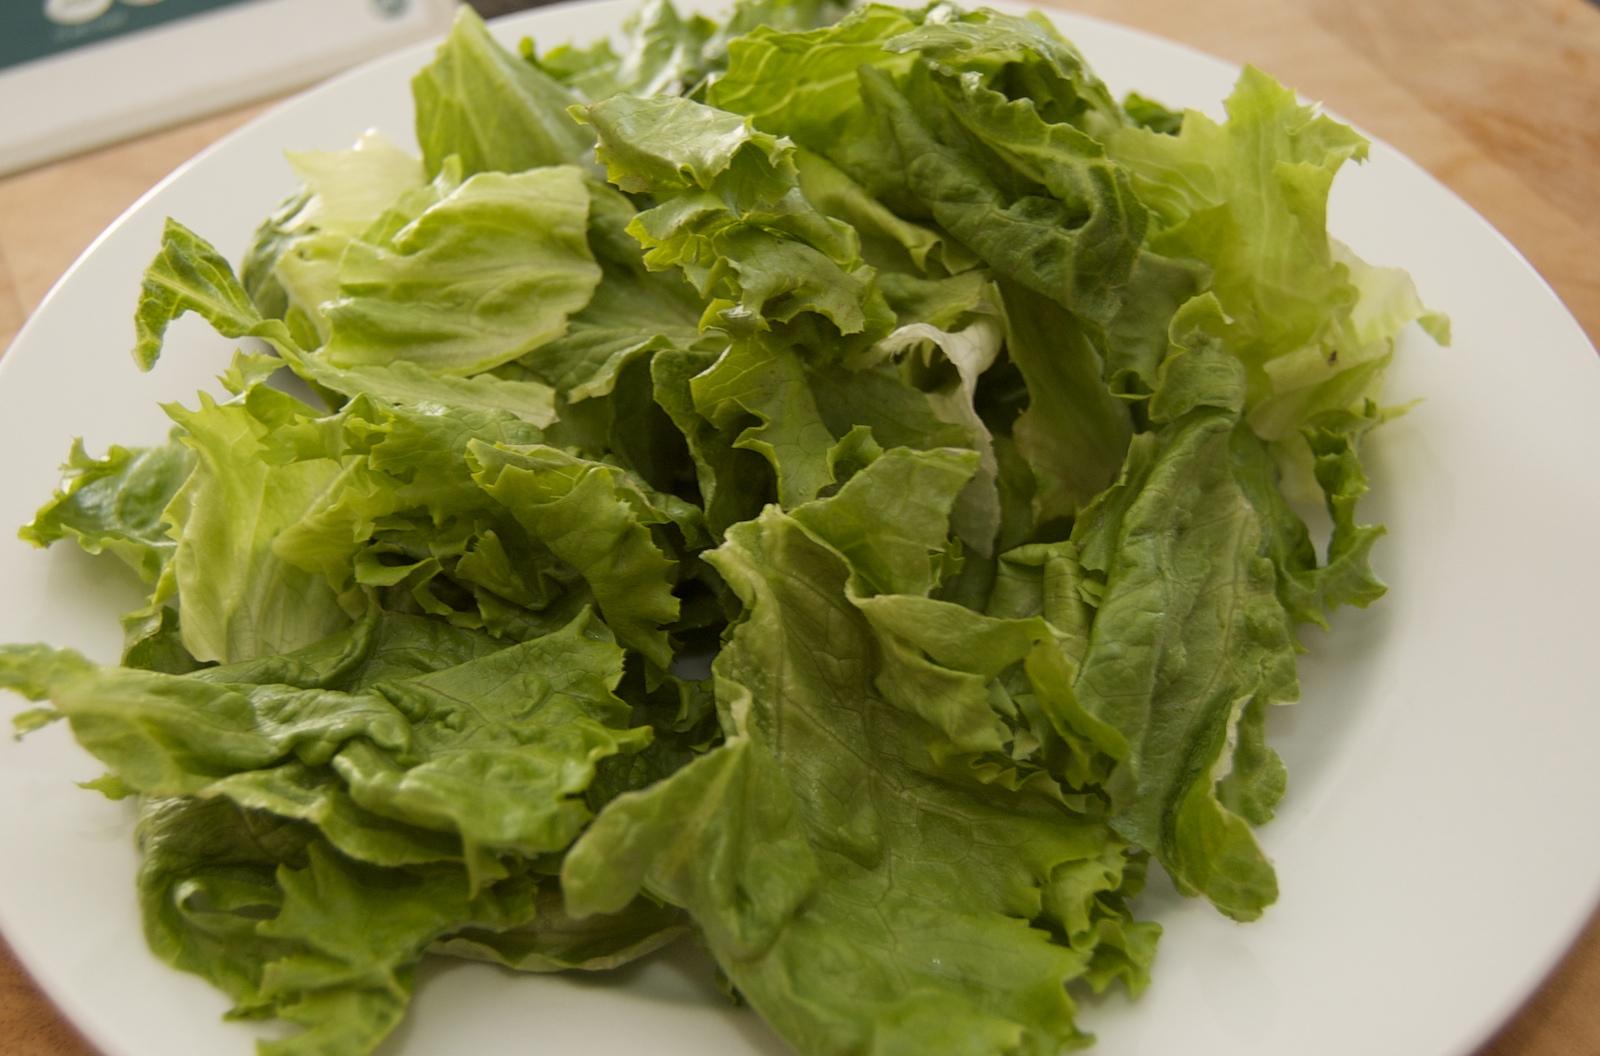 http://blog.rickk.com/food/2010/04/08/salad4.jpg